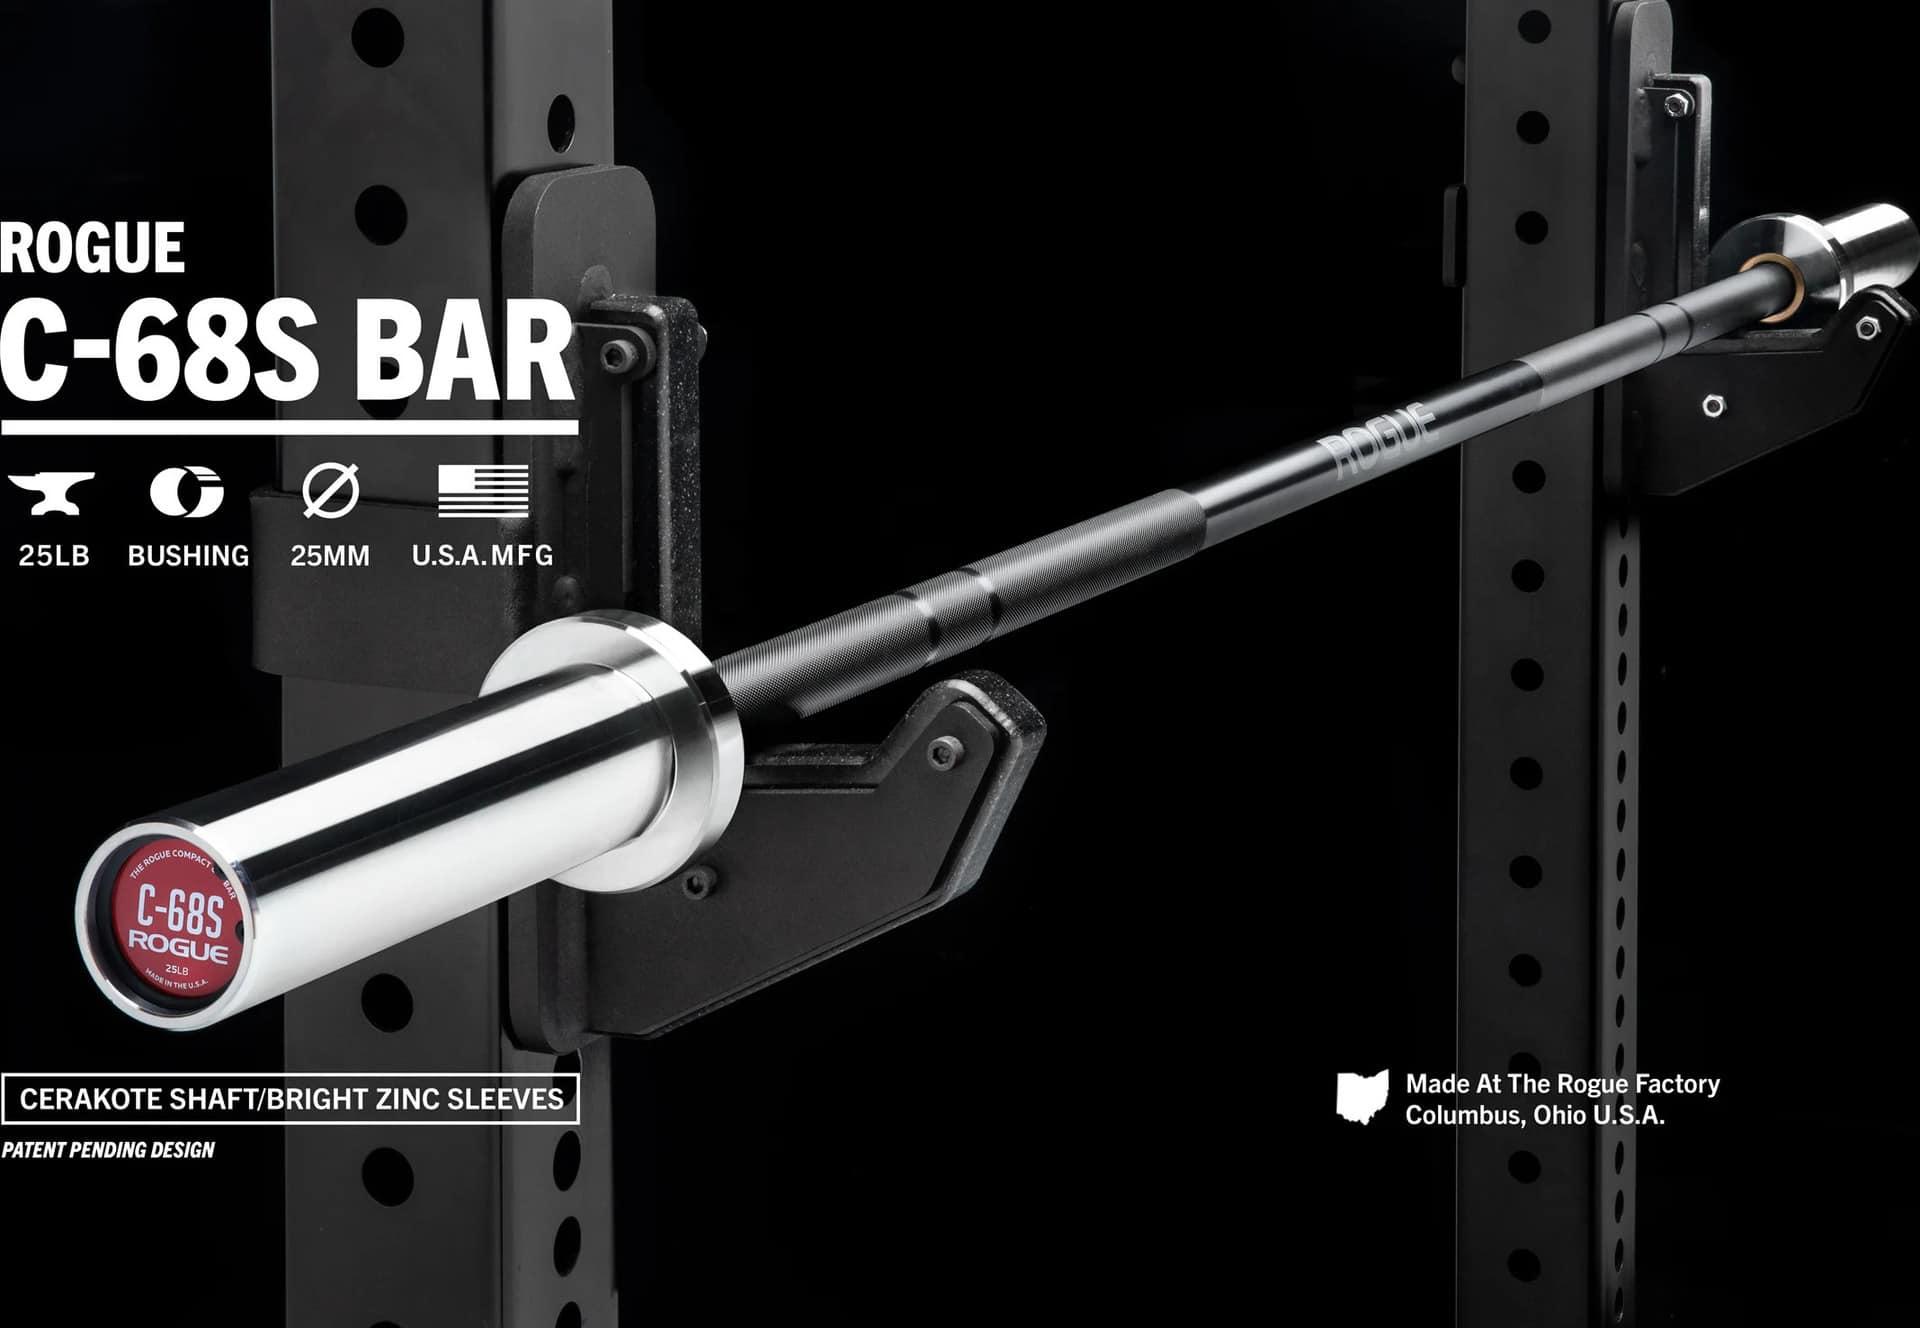 Rogue C-68S Bar - Women's Rackable Short Bar main